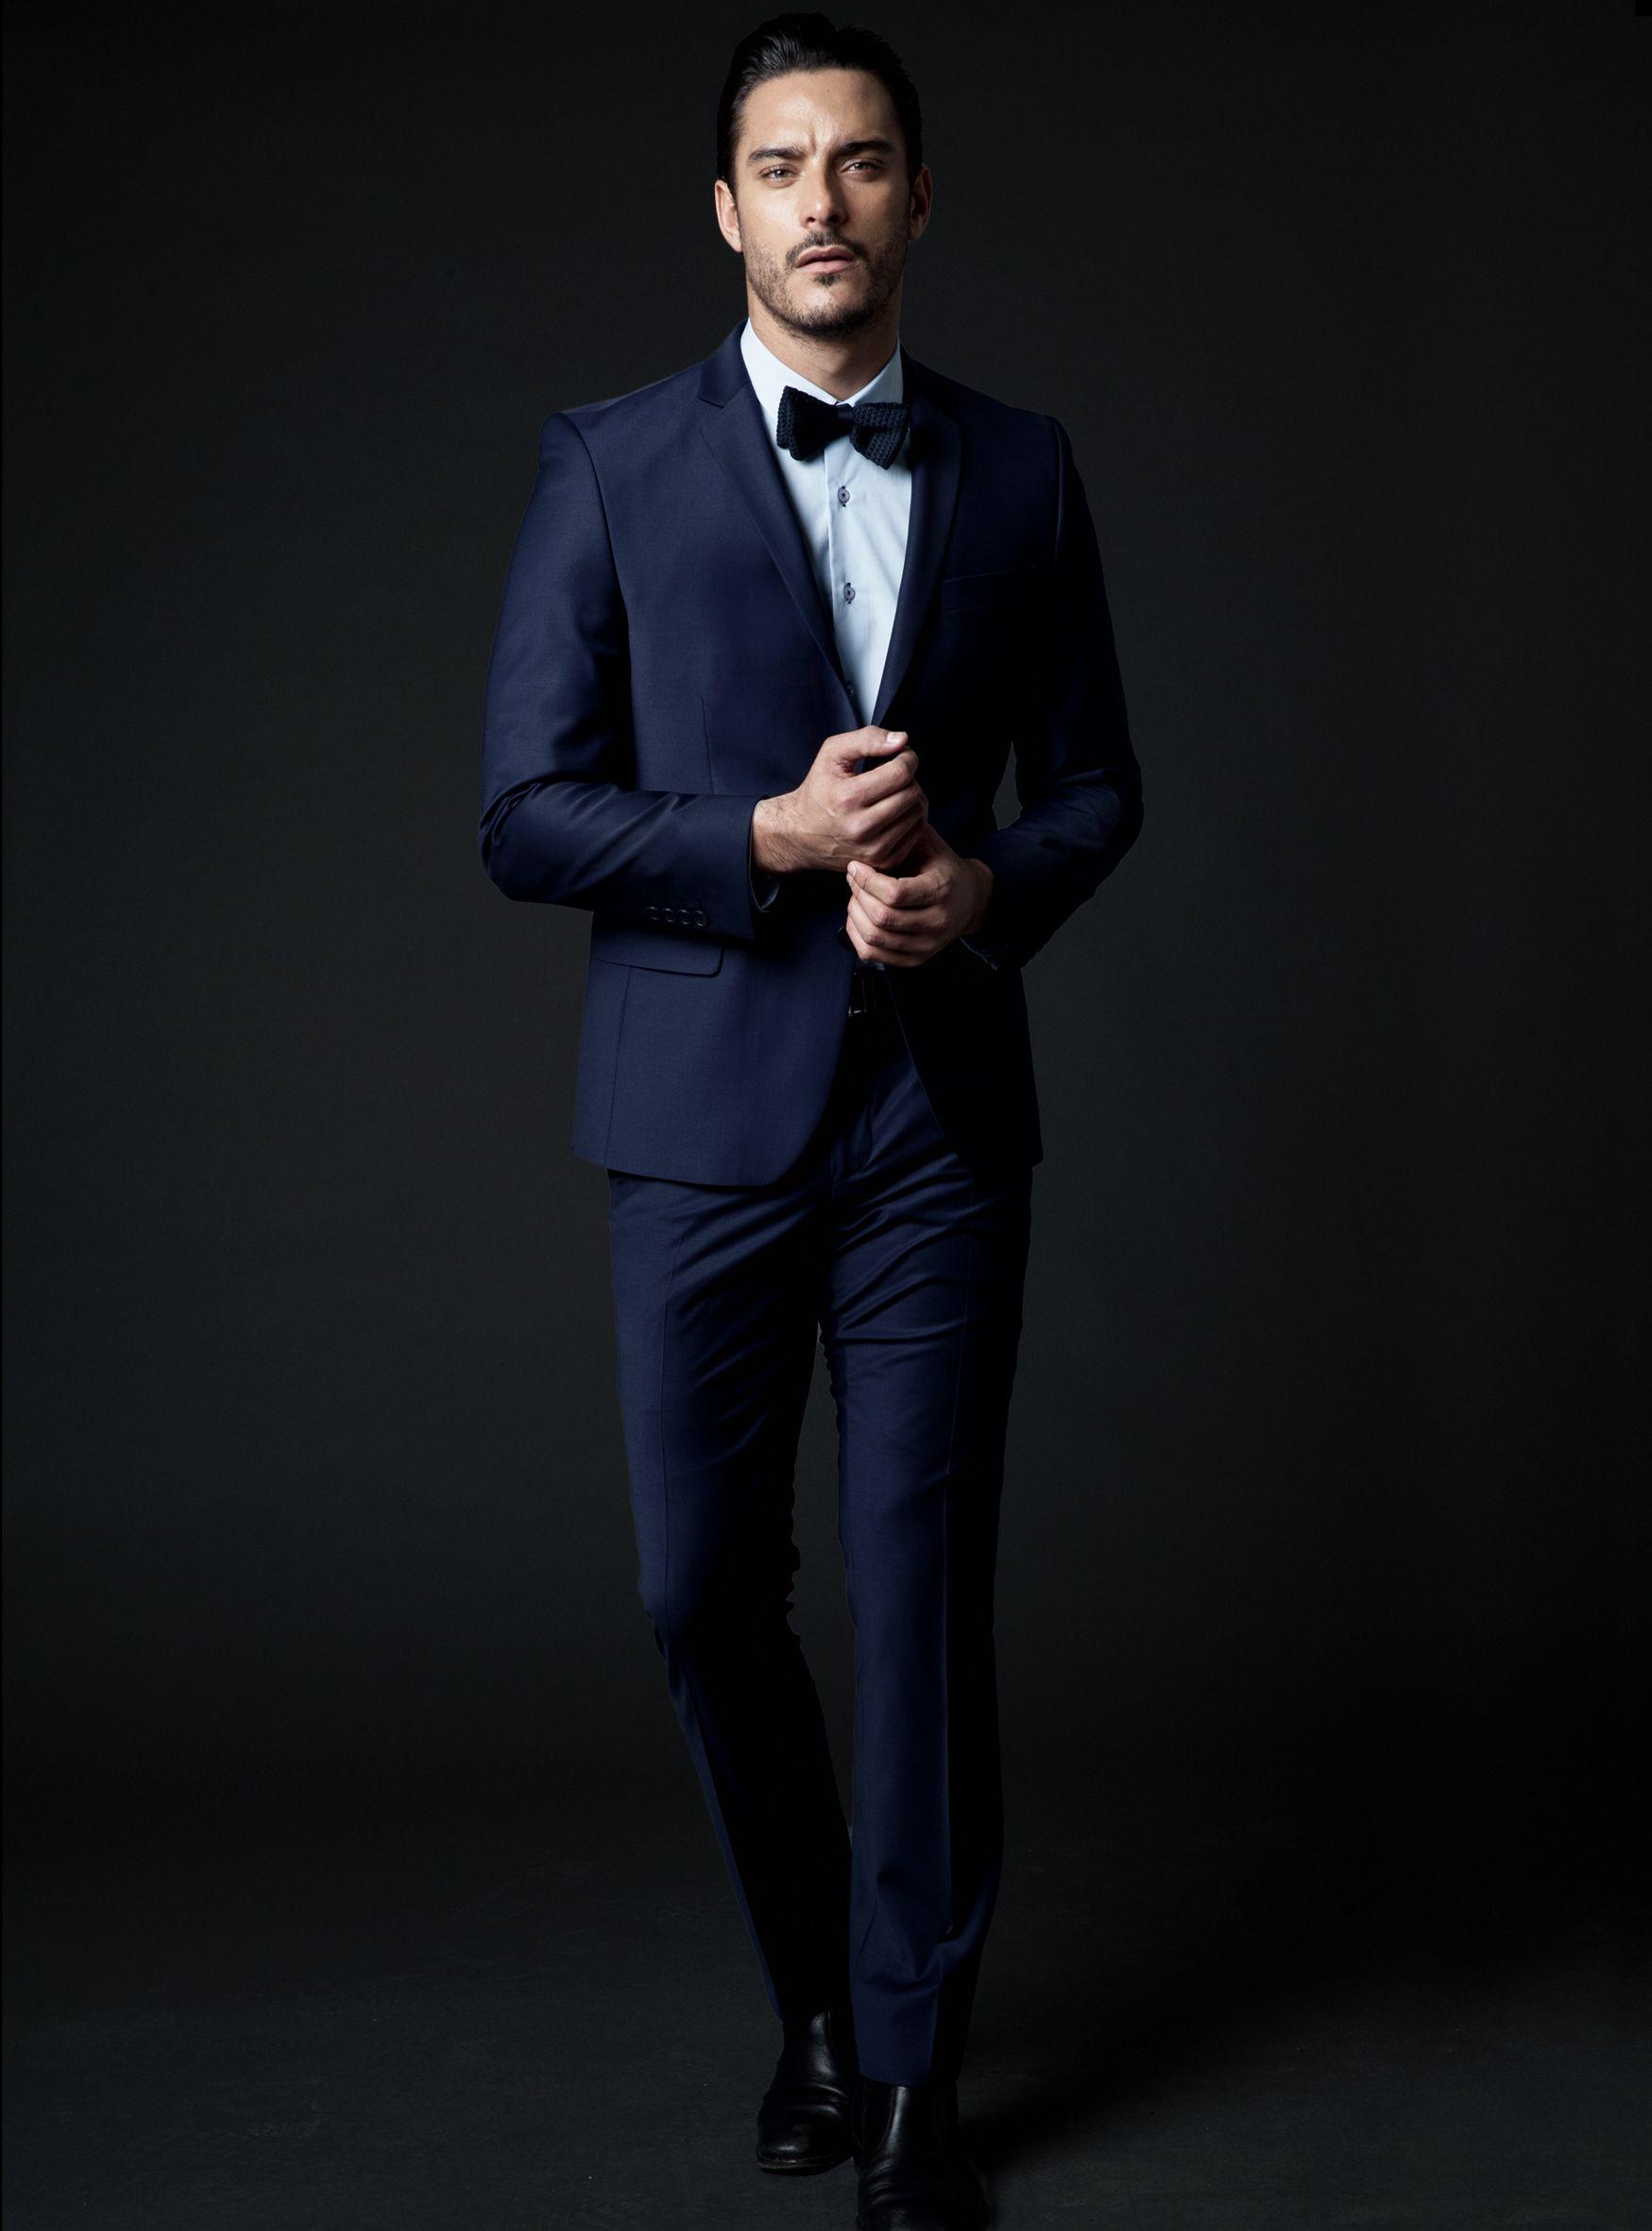 Costume de mariage bleu et noeud papillon noir by Vêtements Record.   wedding  suit 1aad90dc71c